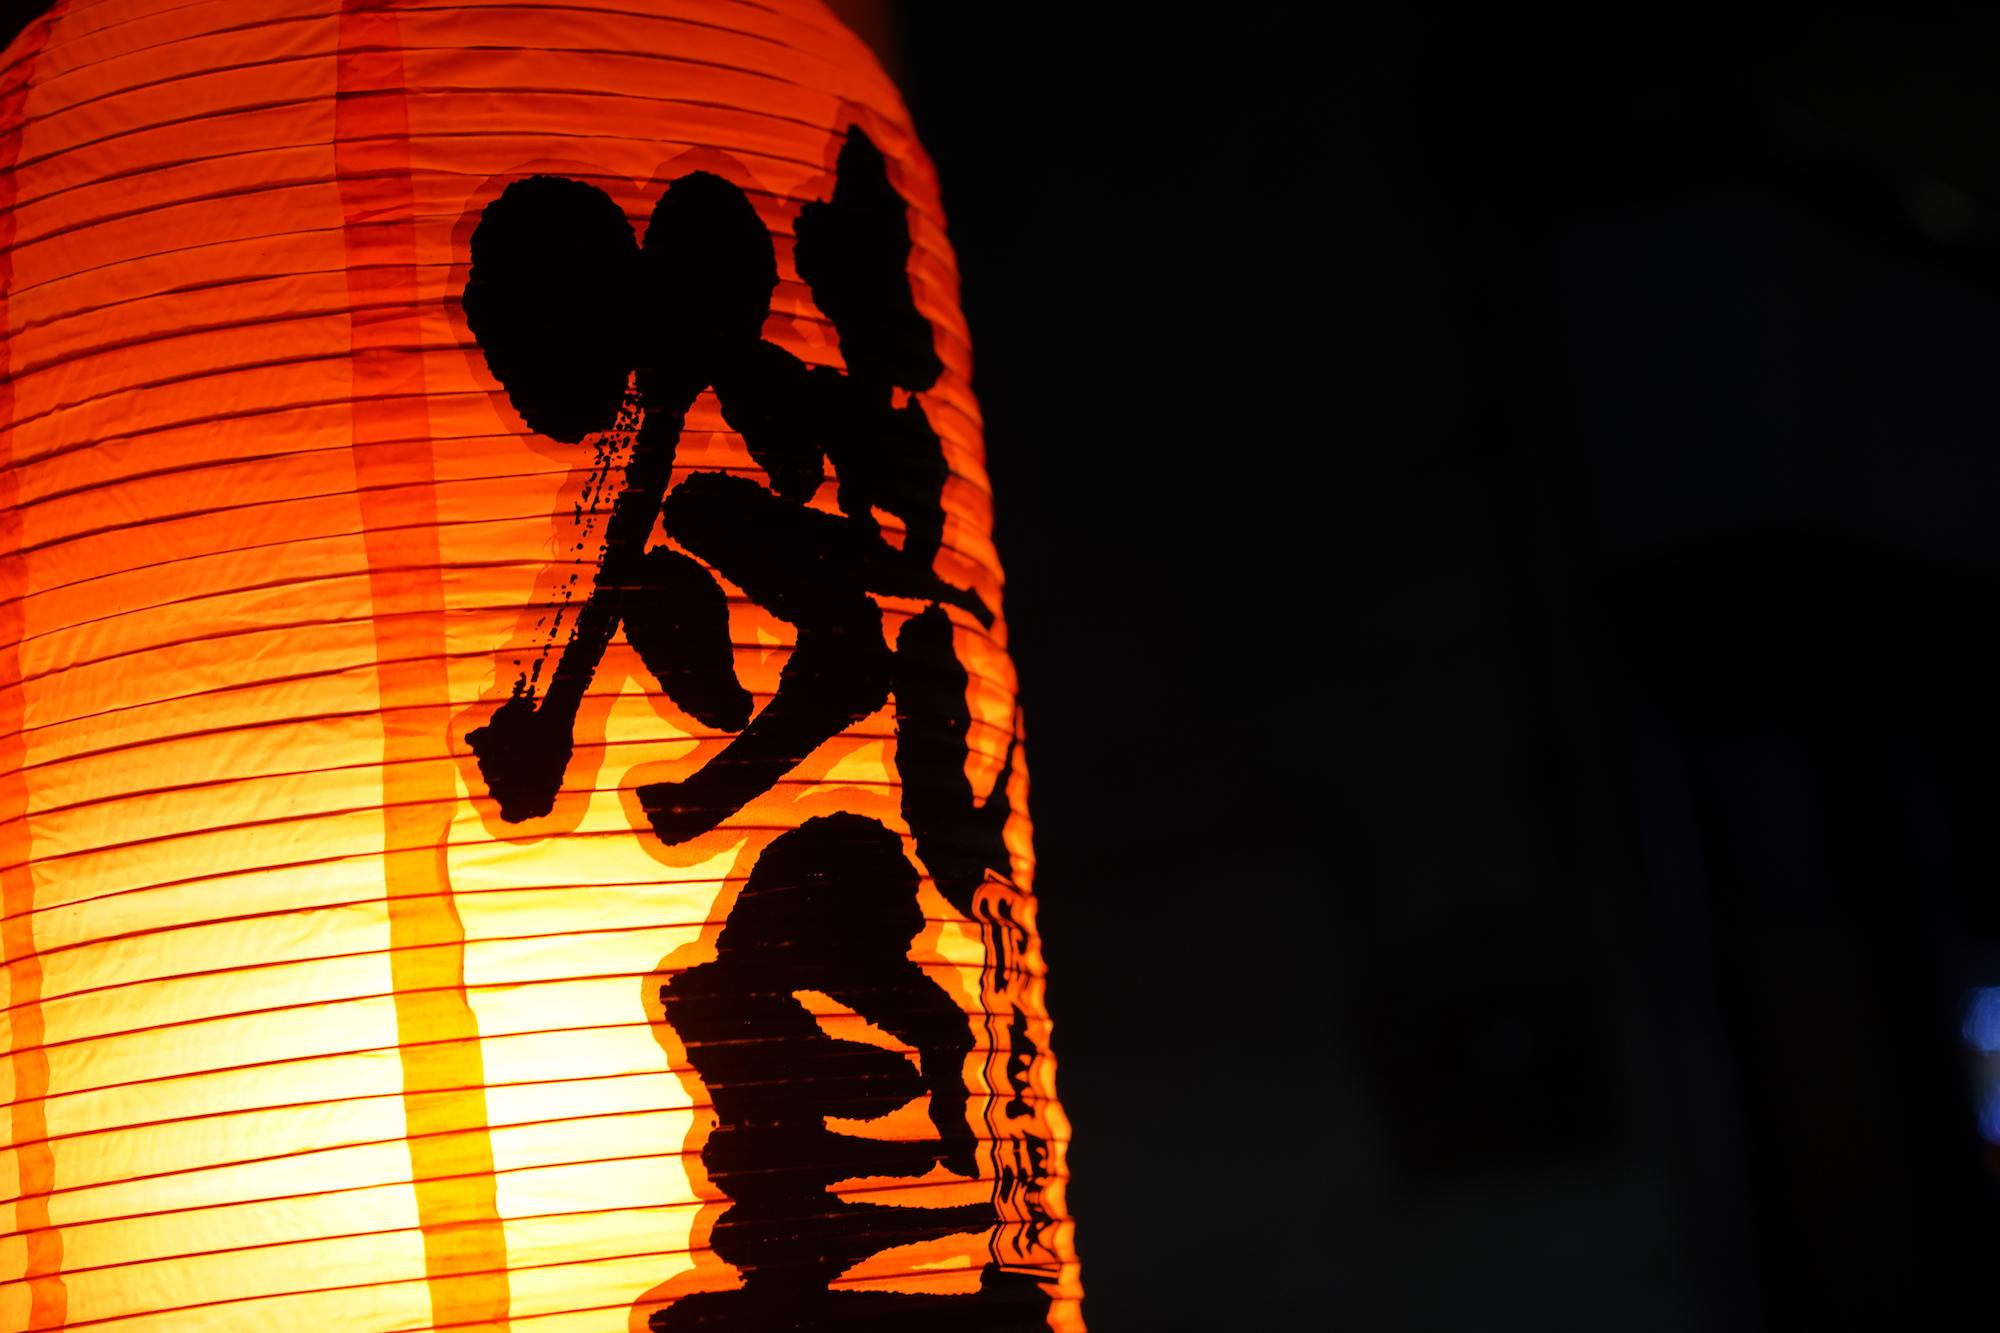 焼き鳥屋の提灯